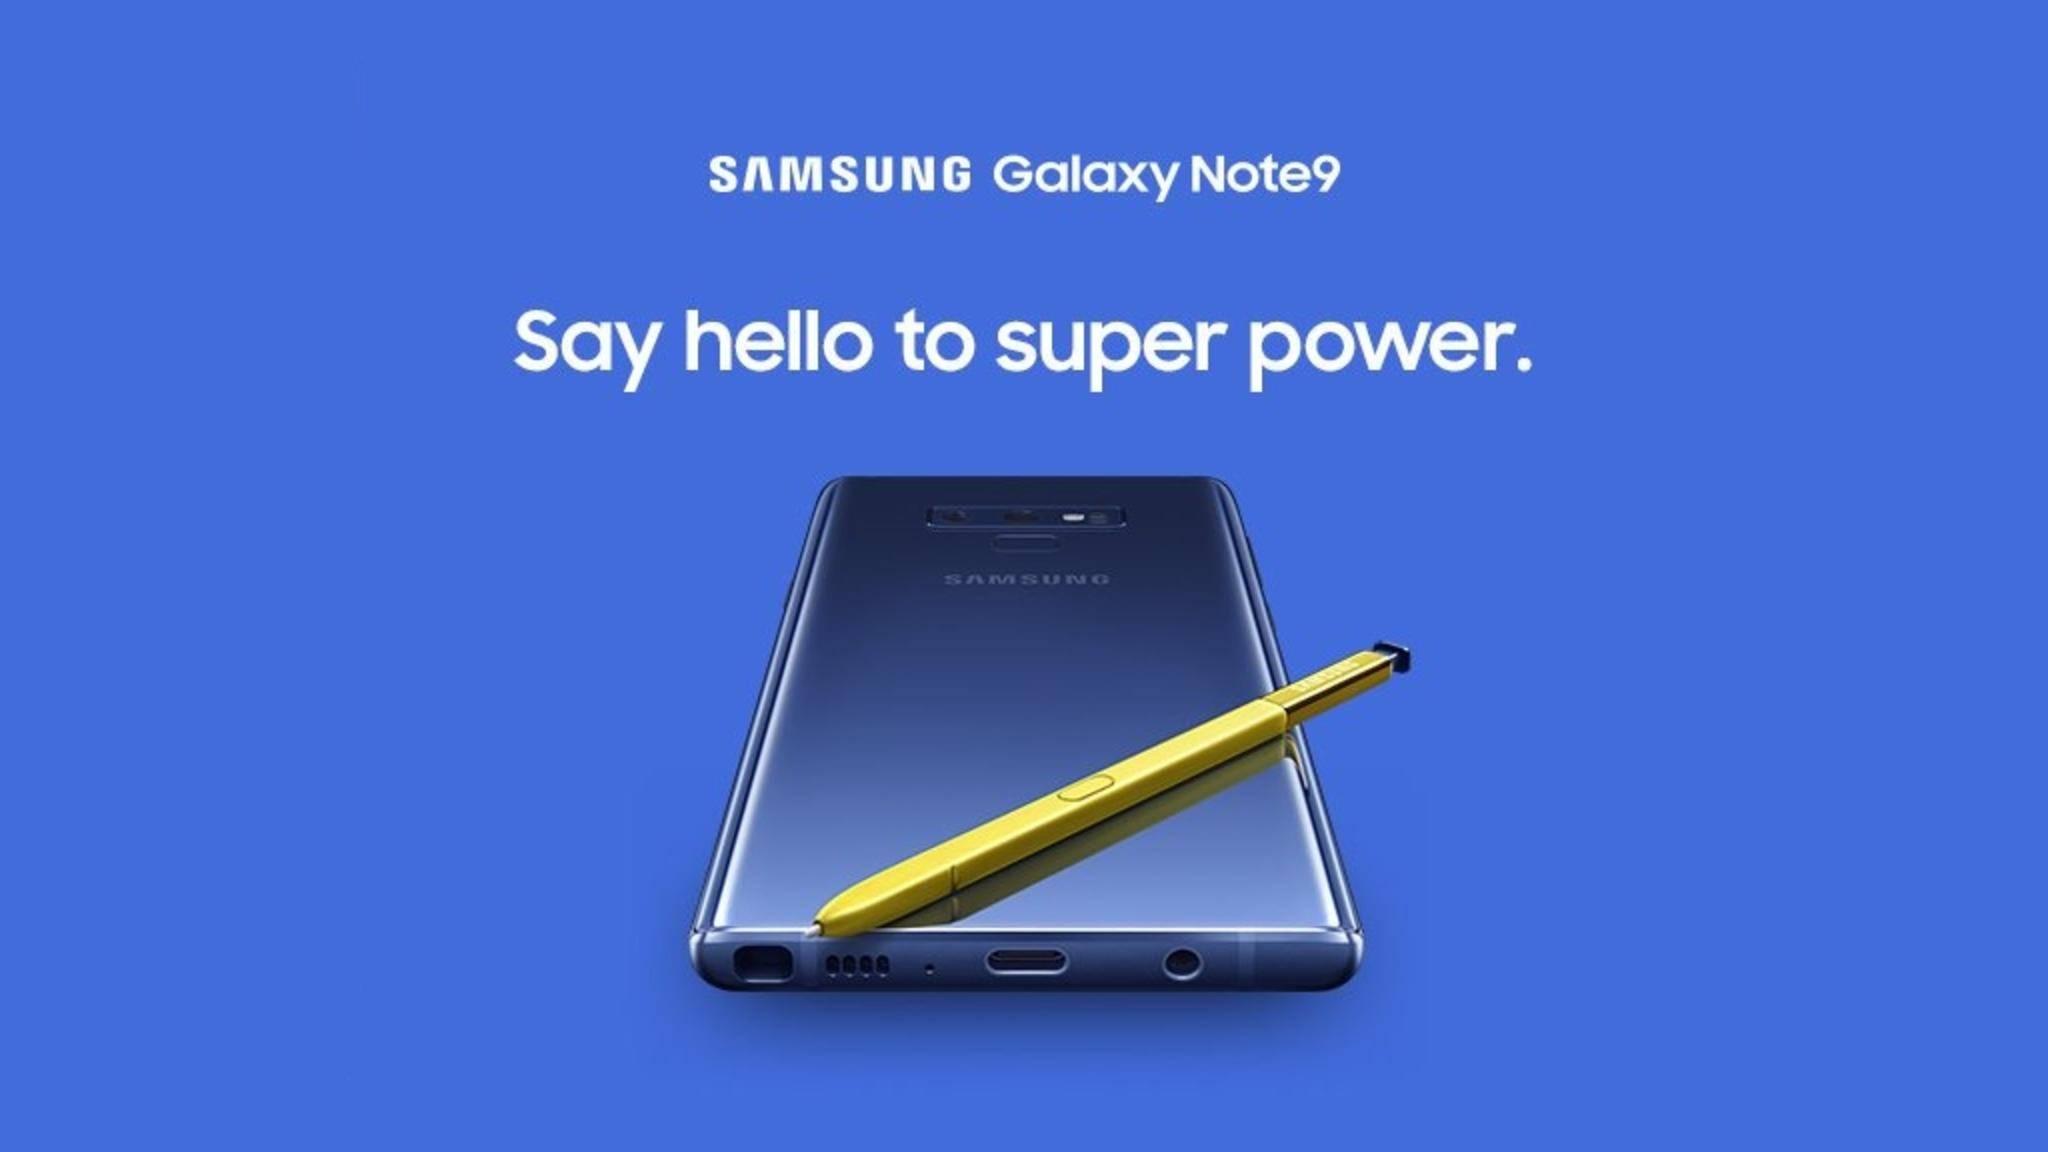 Dieses Bild veröffentlichte Samsung selbst vom Galaxy Note 9.